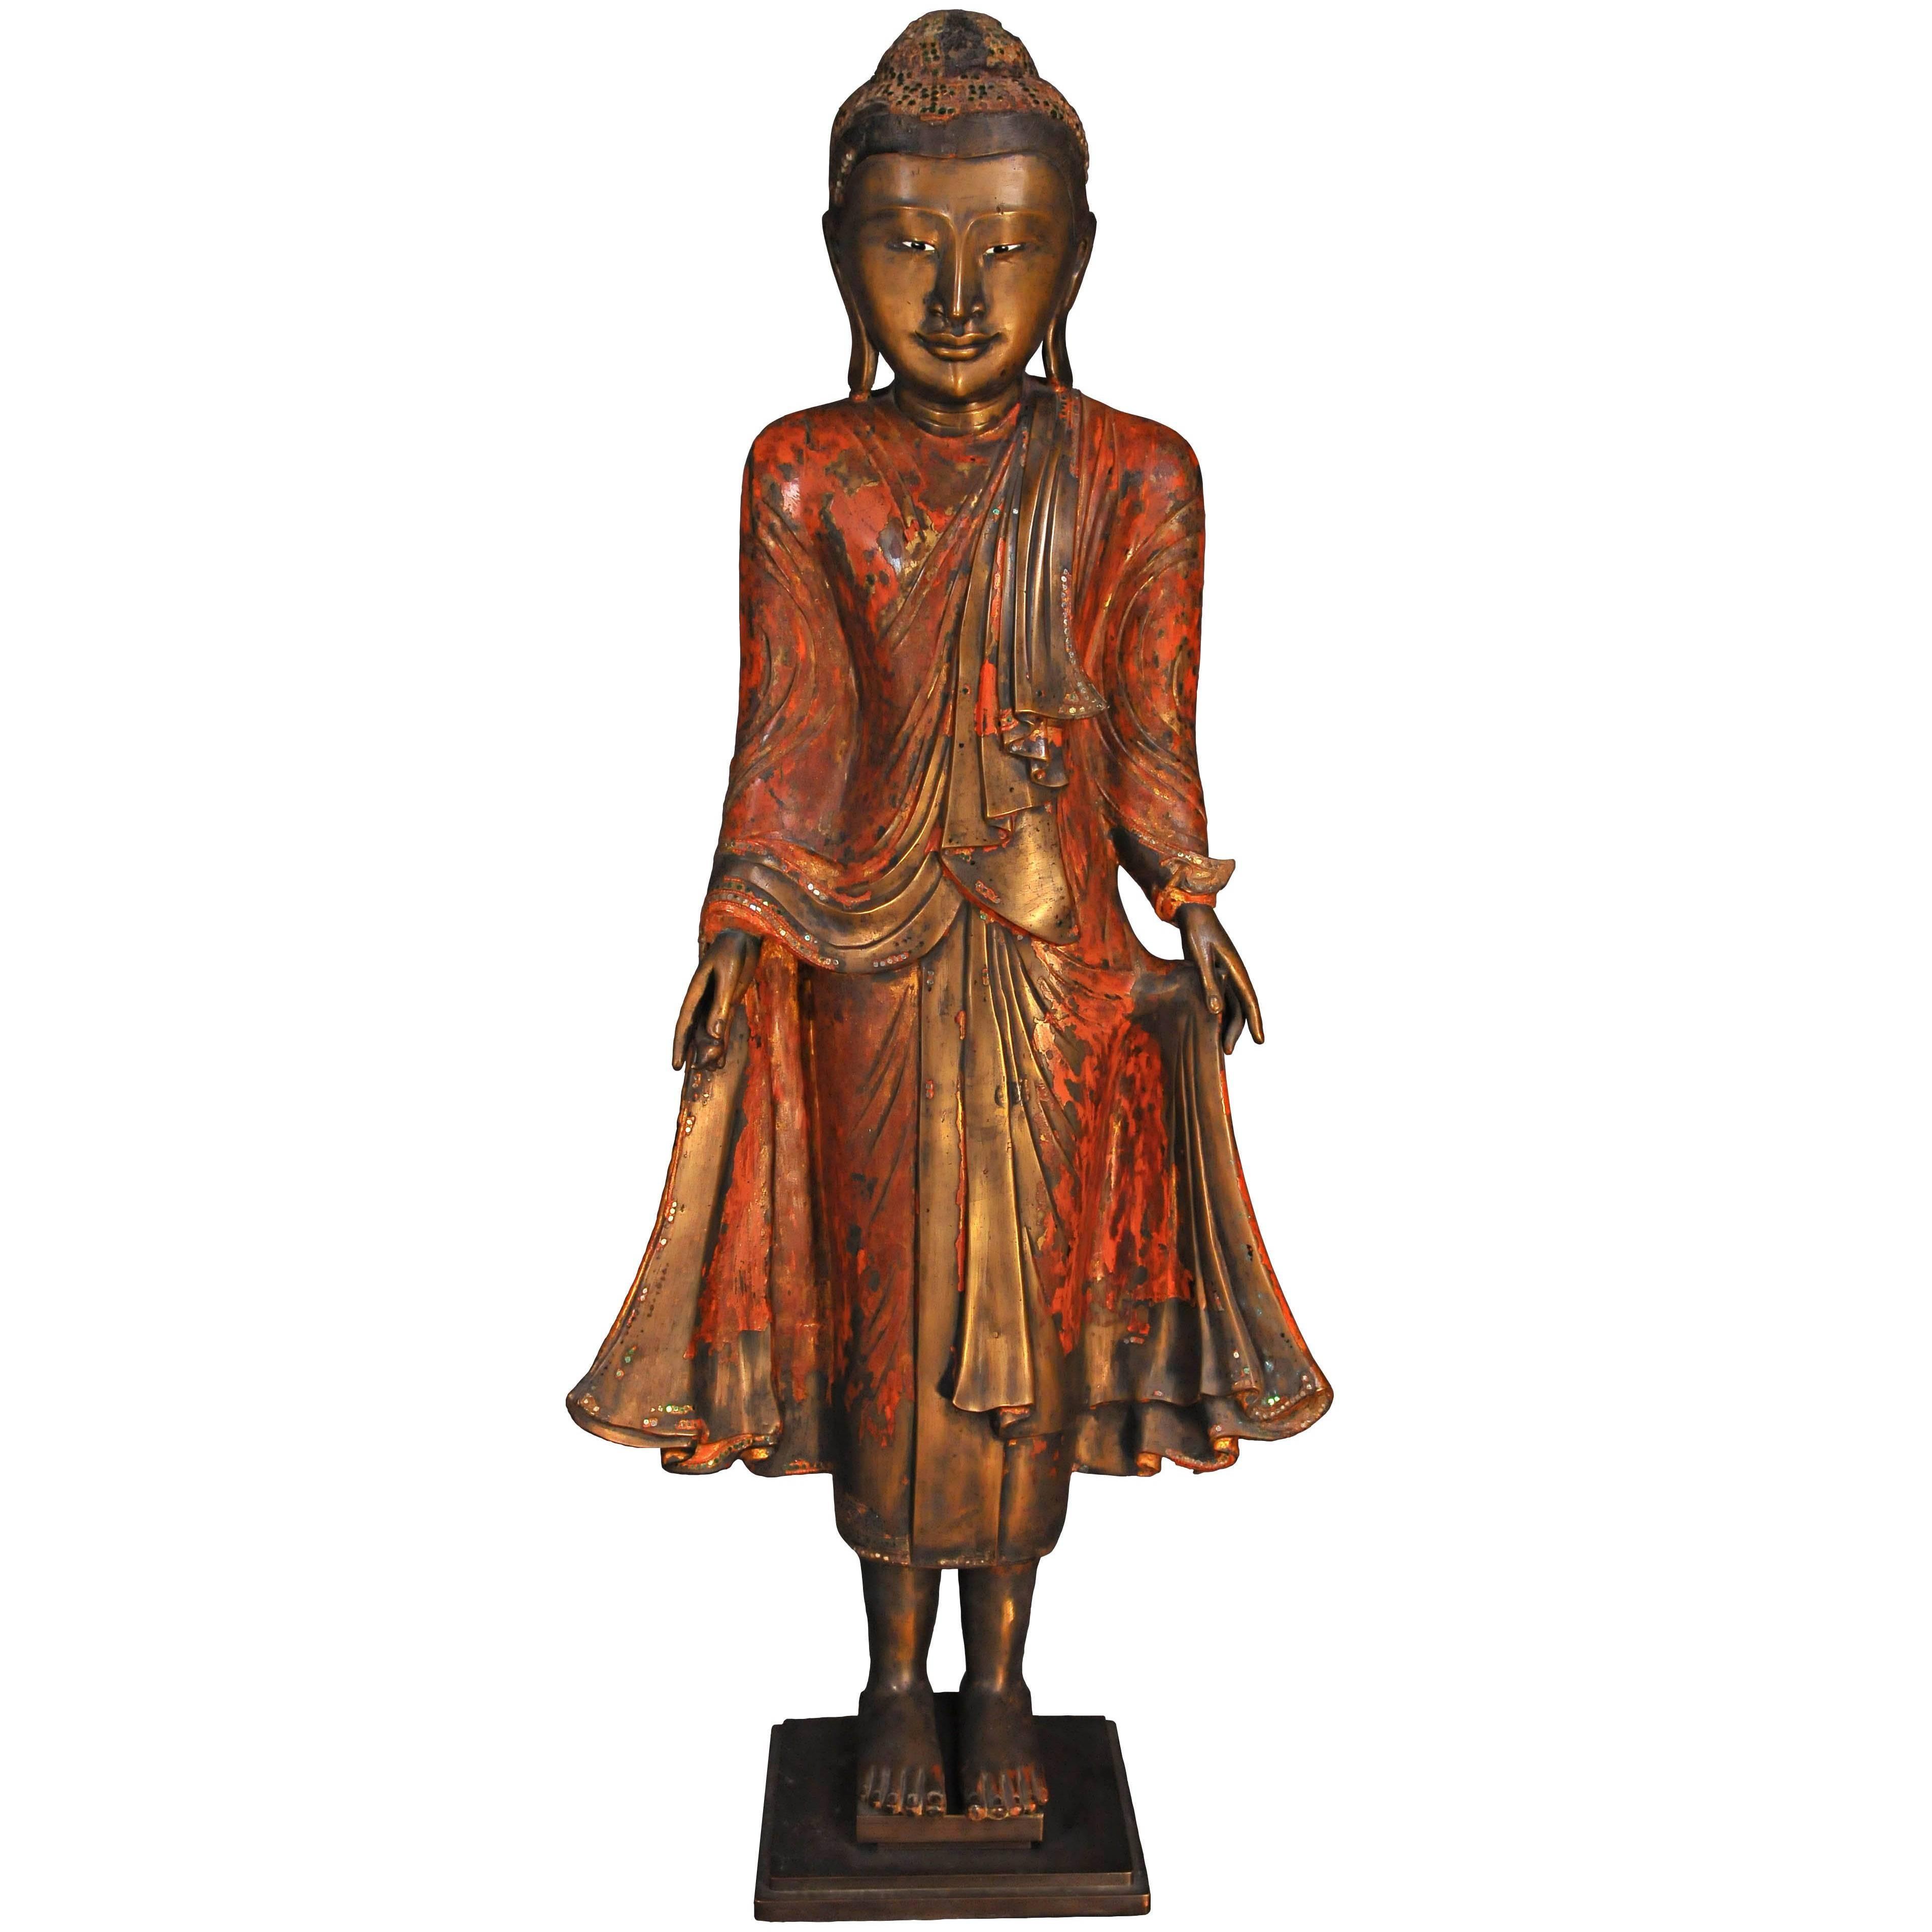 18th Century, Lacquered Bronze, Buddhain Abhaya Mudra, Art of Burma